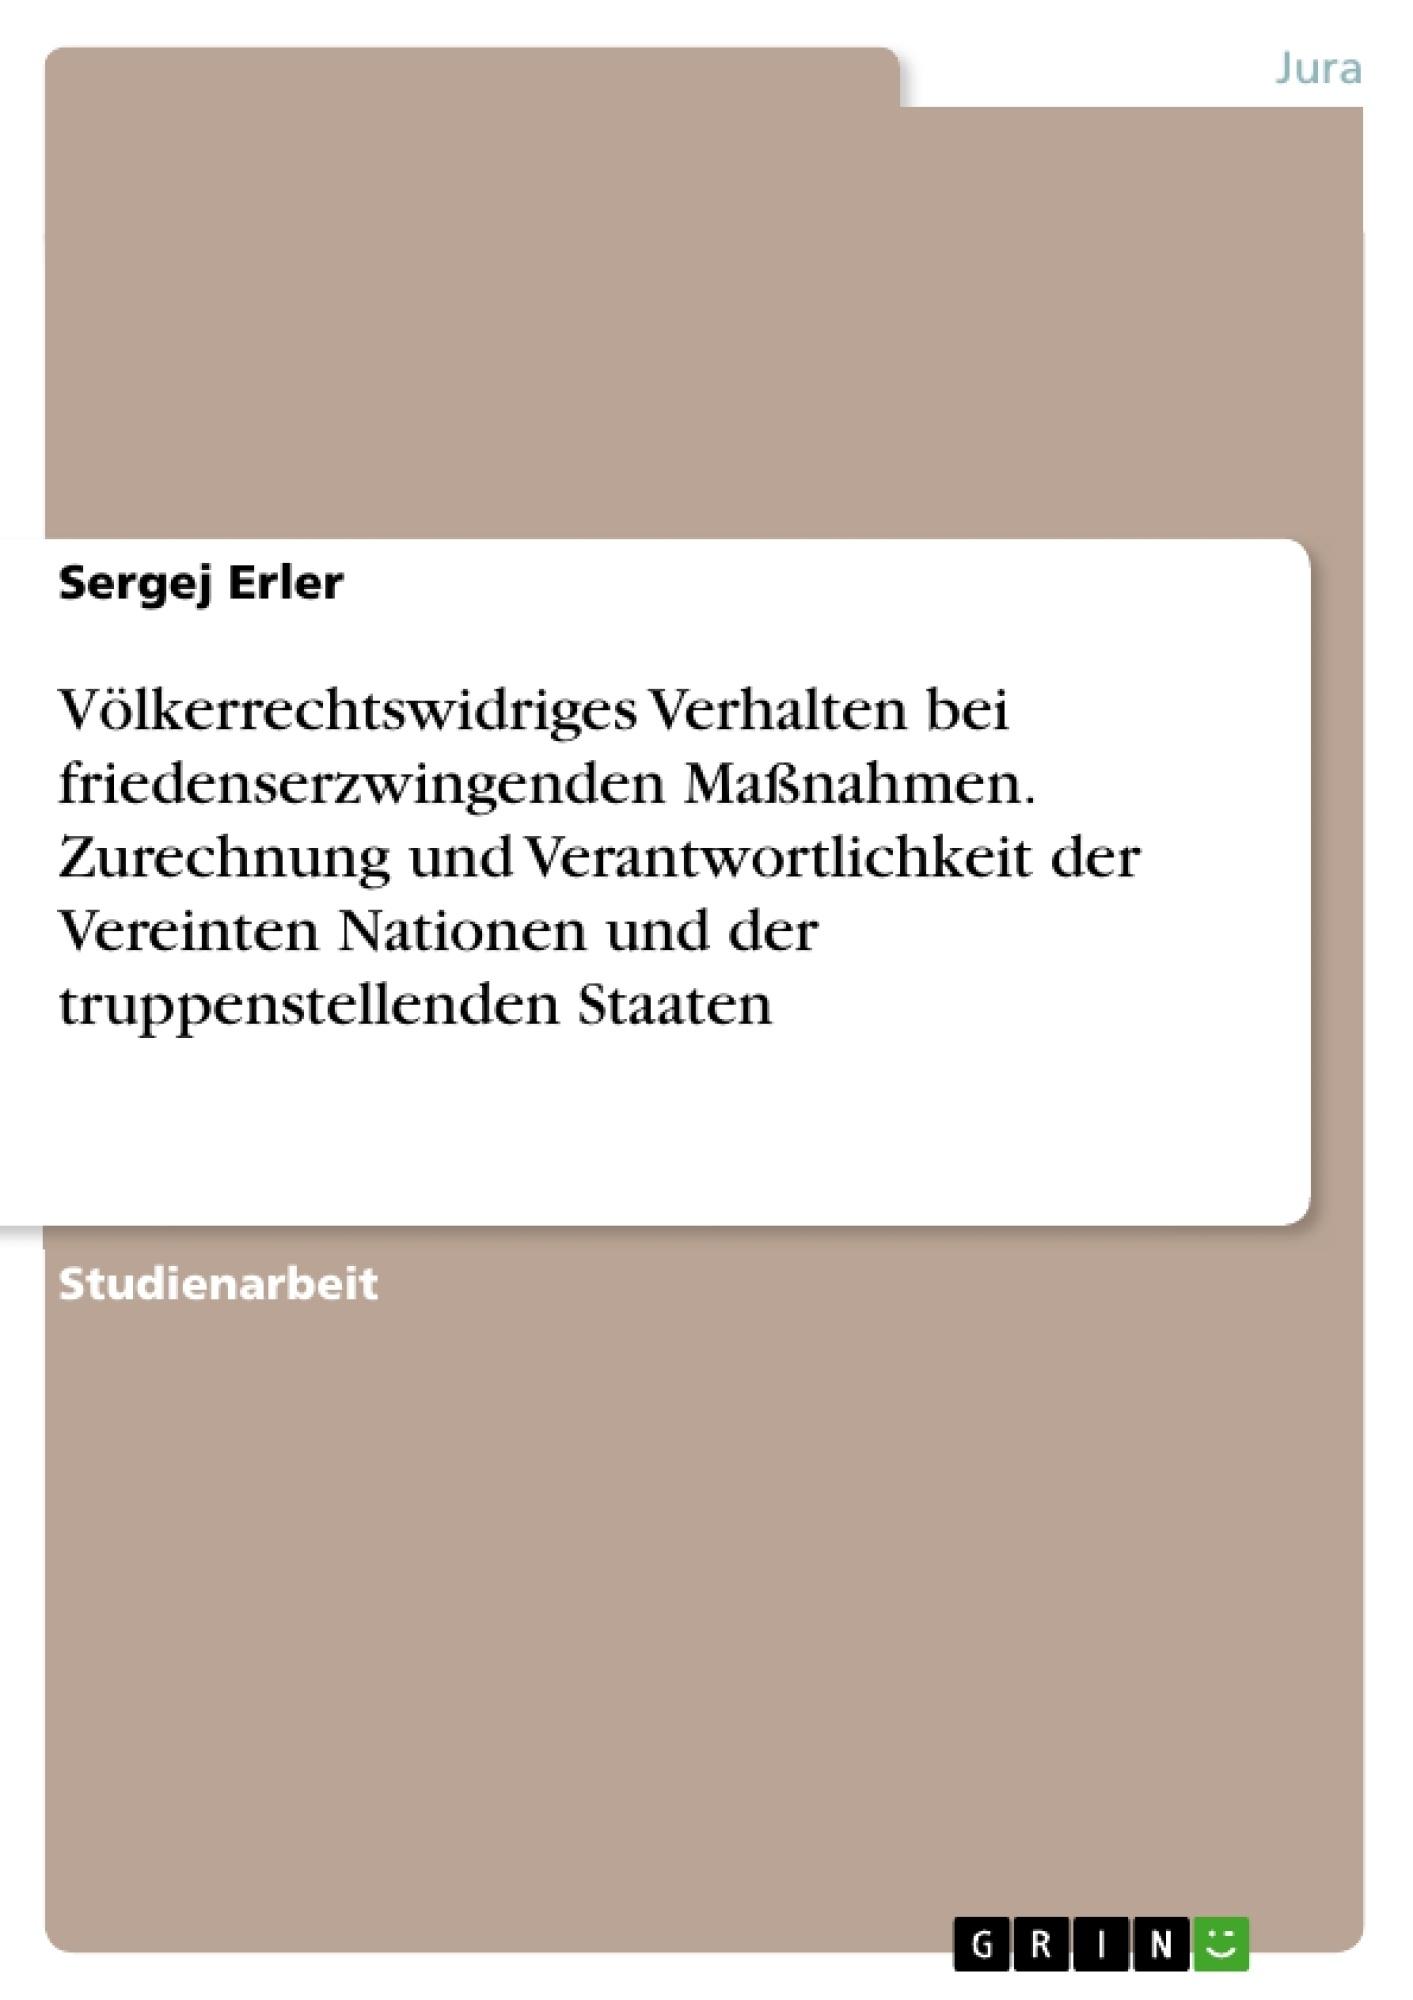 Titel: Völkerrechtswidriges Verhalten bei friedenserzwingenden Maßnahmen. Zurechnung und Verantwortlichkeit der Vereinten Nationen und der truppenstellenden Staaten